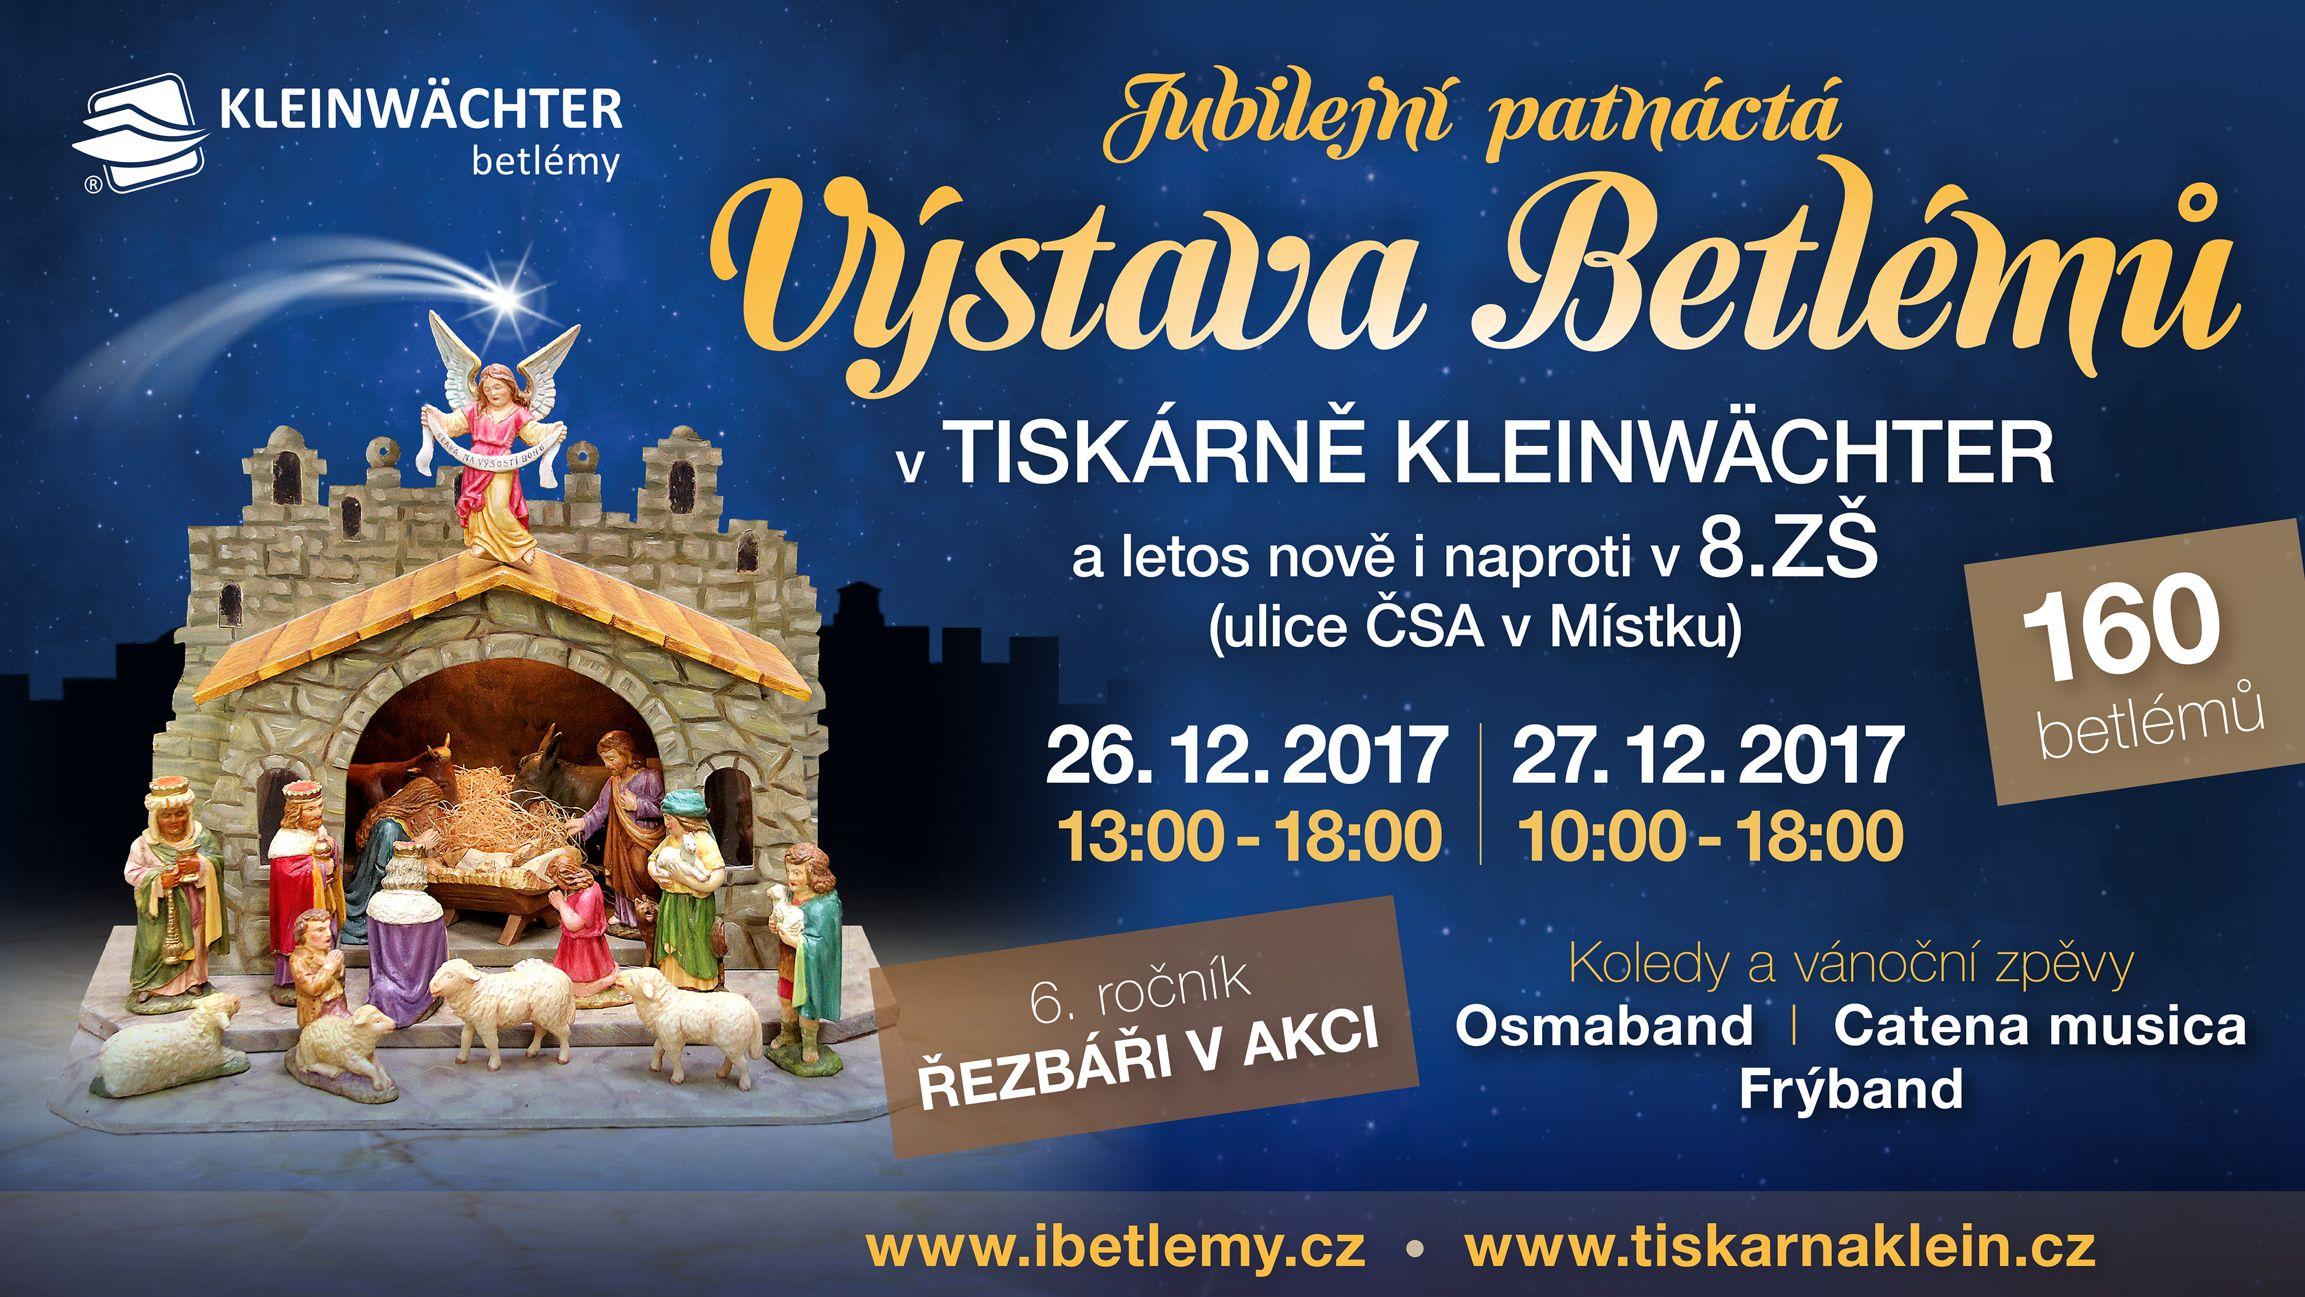 2441fd9d811 Frýdek-Místek - Tiskárna Kleinwächter zve ve dnech 26. a 27. prosince na  již 15. výstavu betlémů. Jubilejní expozice nabídne celkem 160 jesliček ze  sbírky ...